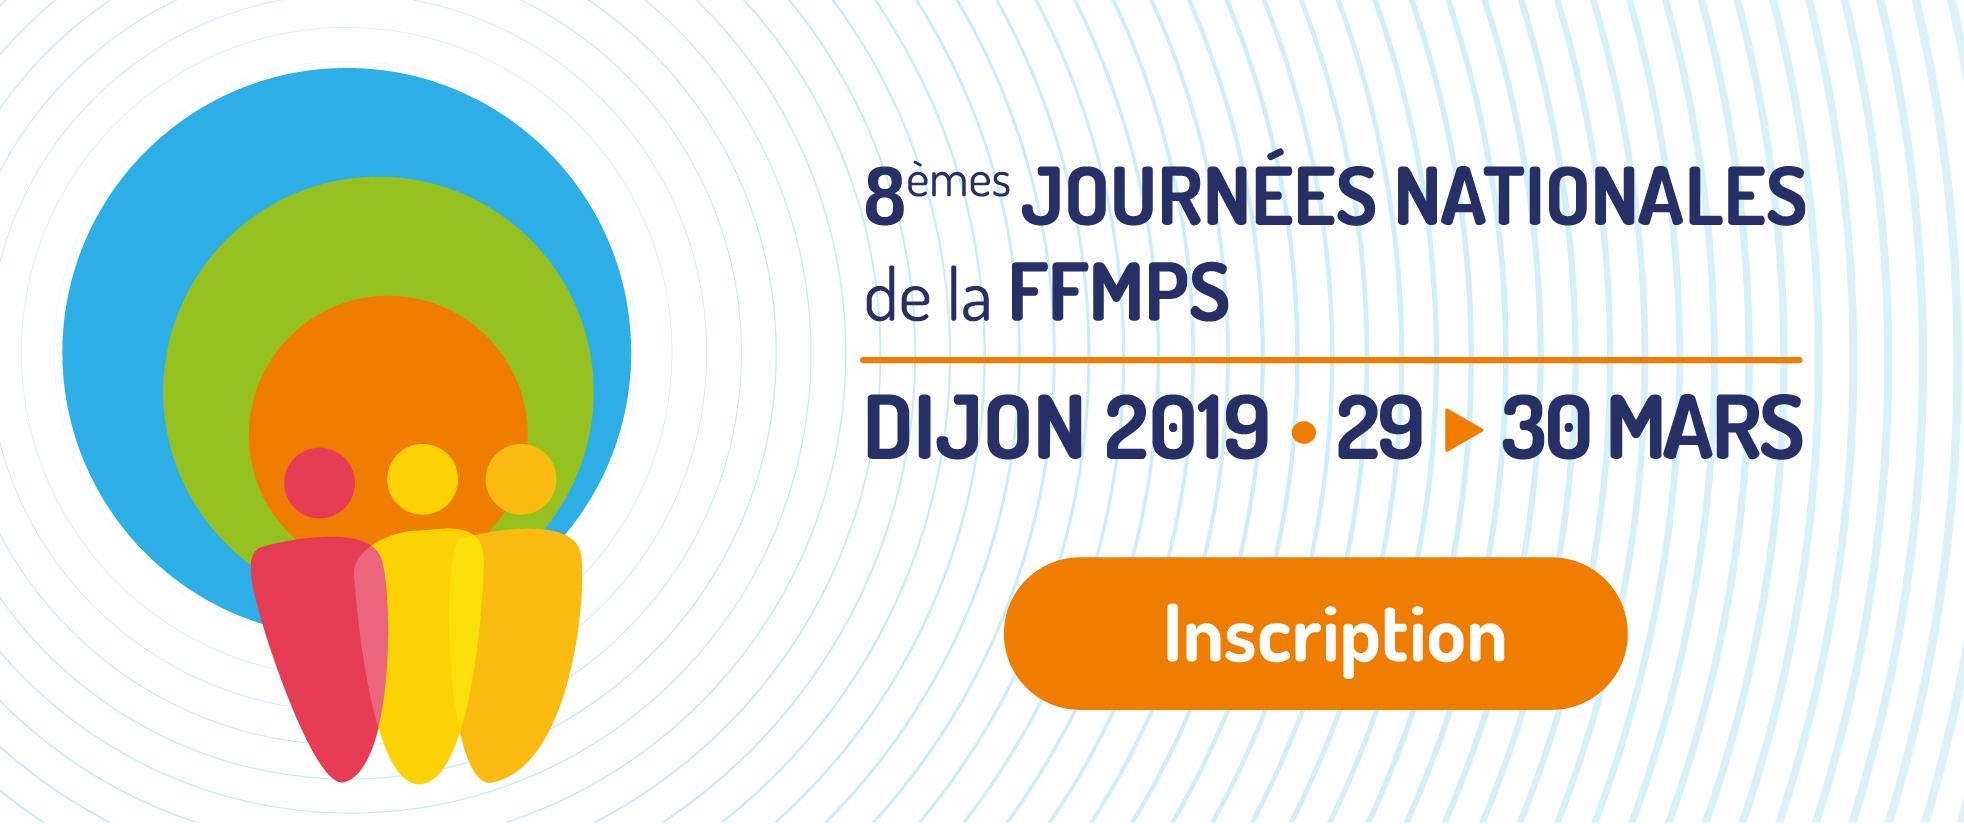 Bandeau des 8èmes Journées Nationales de la FFMPS